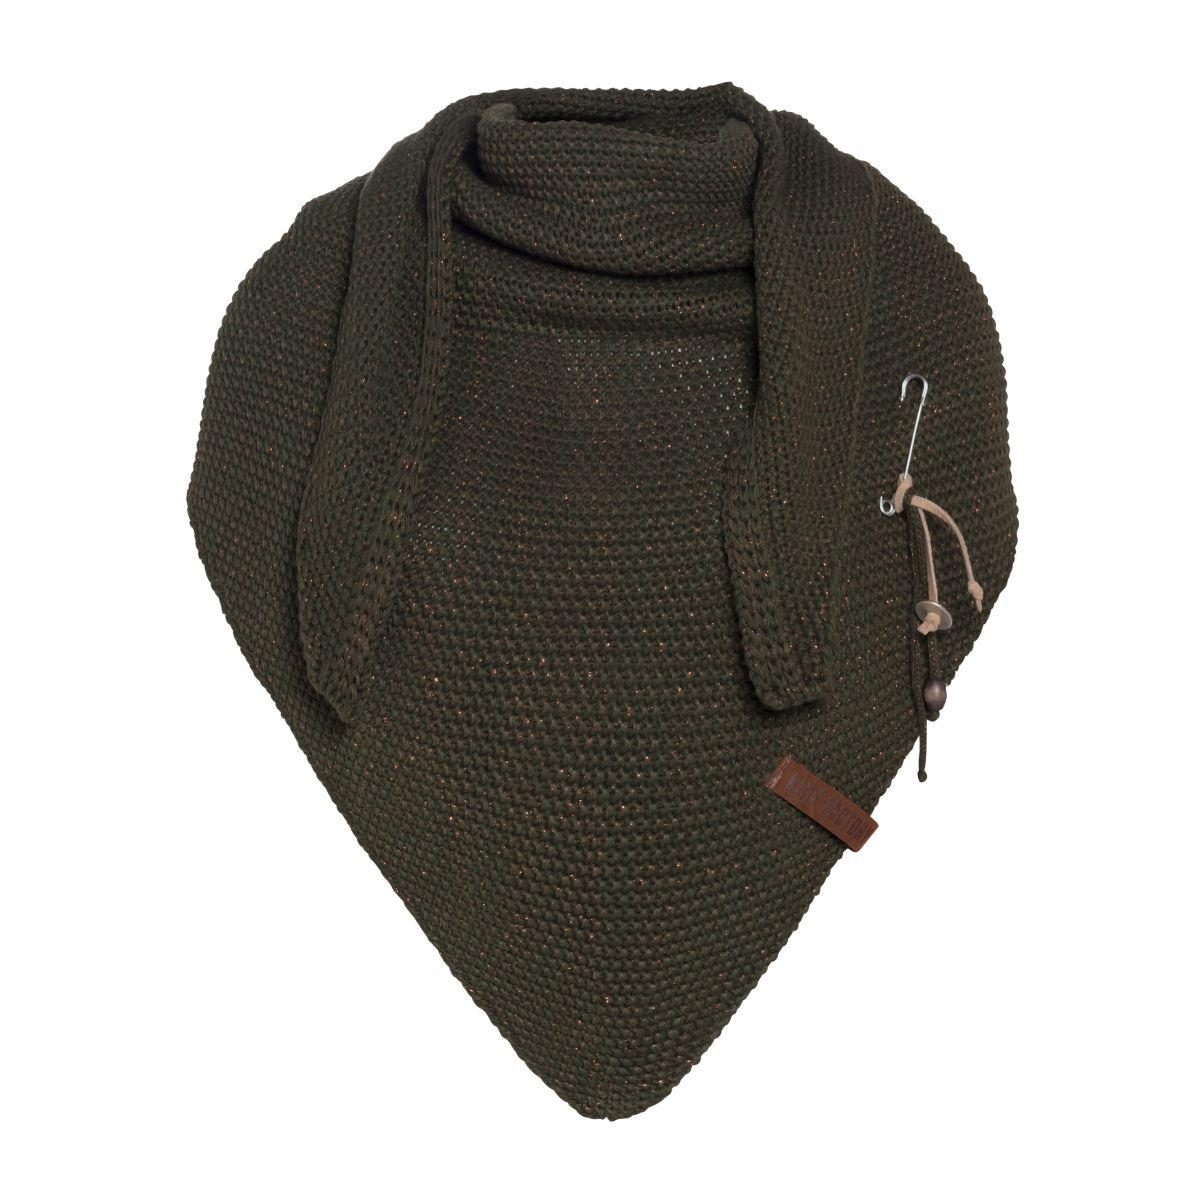 coco triangle scarf deluxe khaki